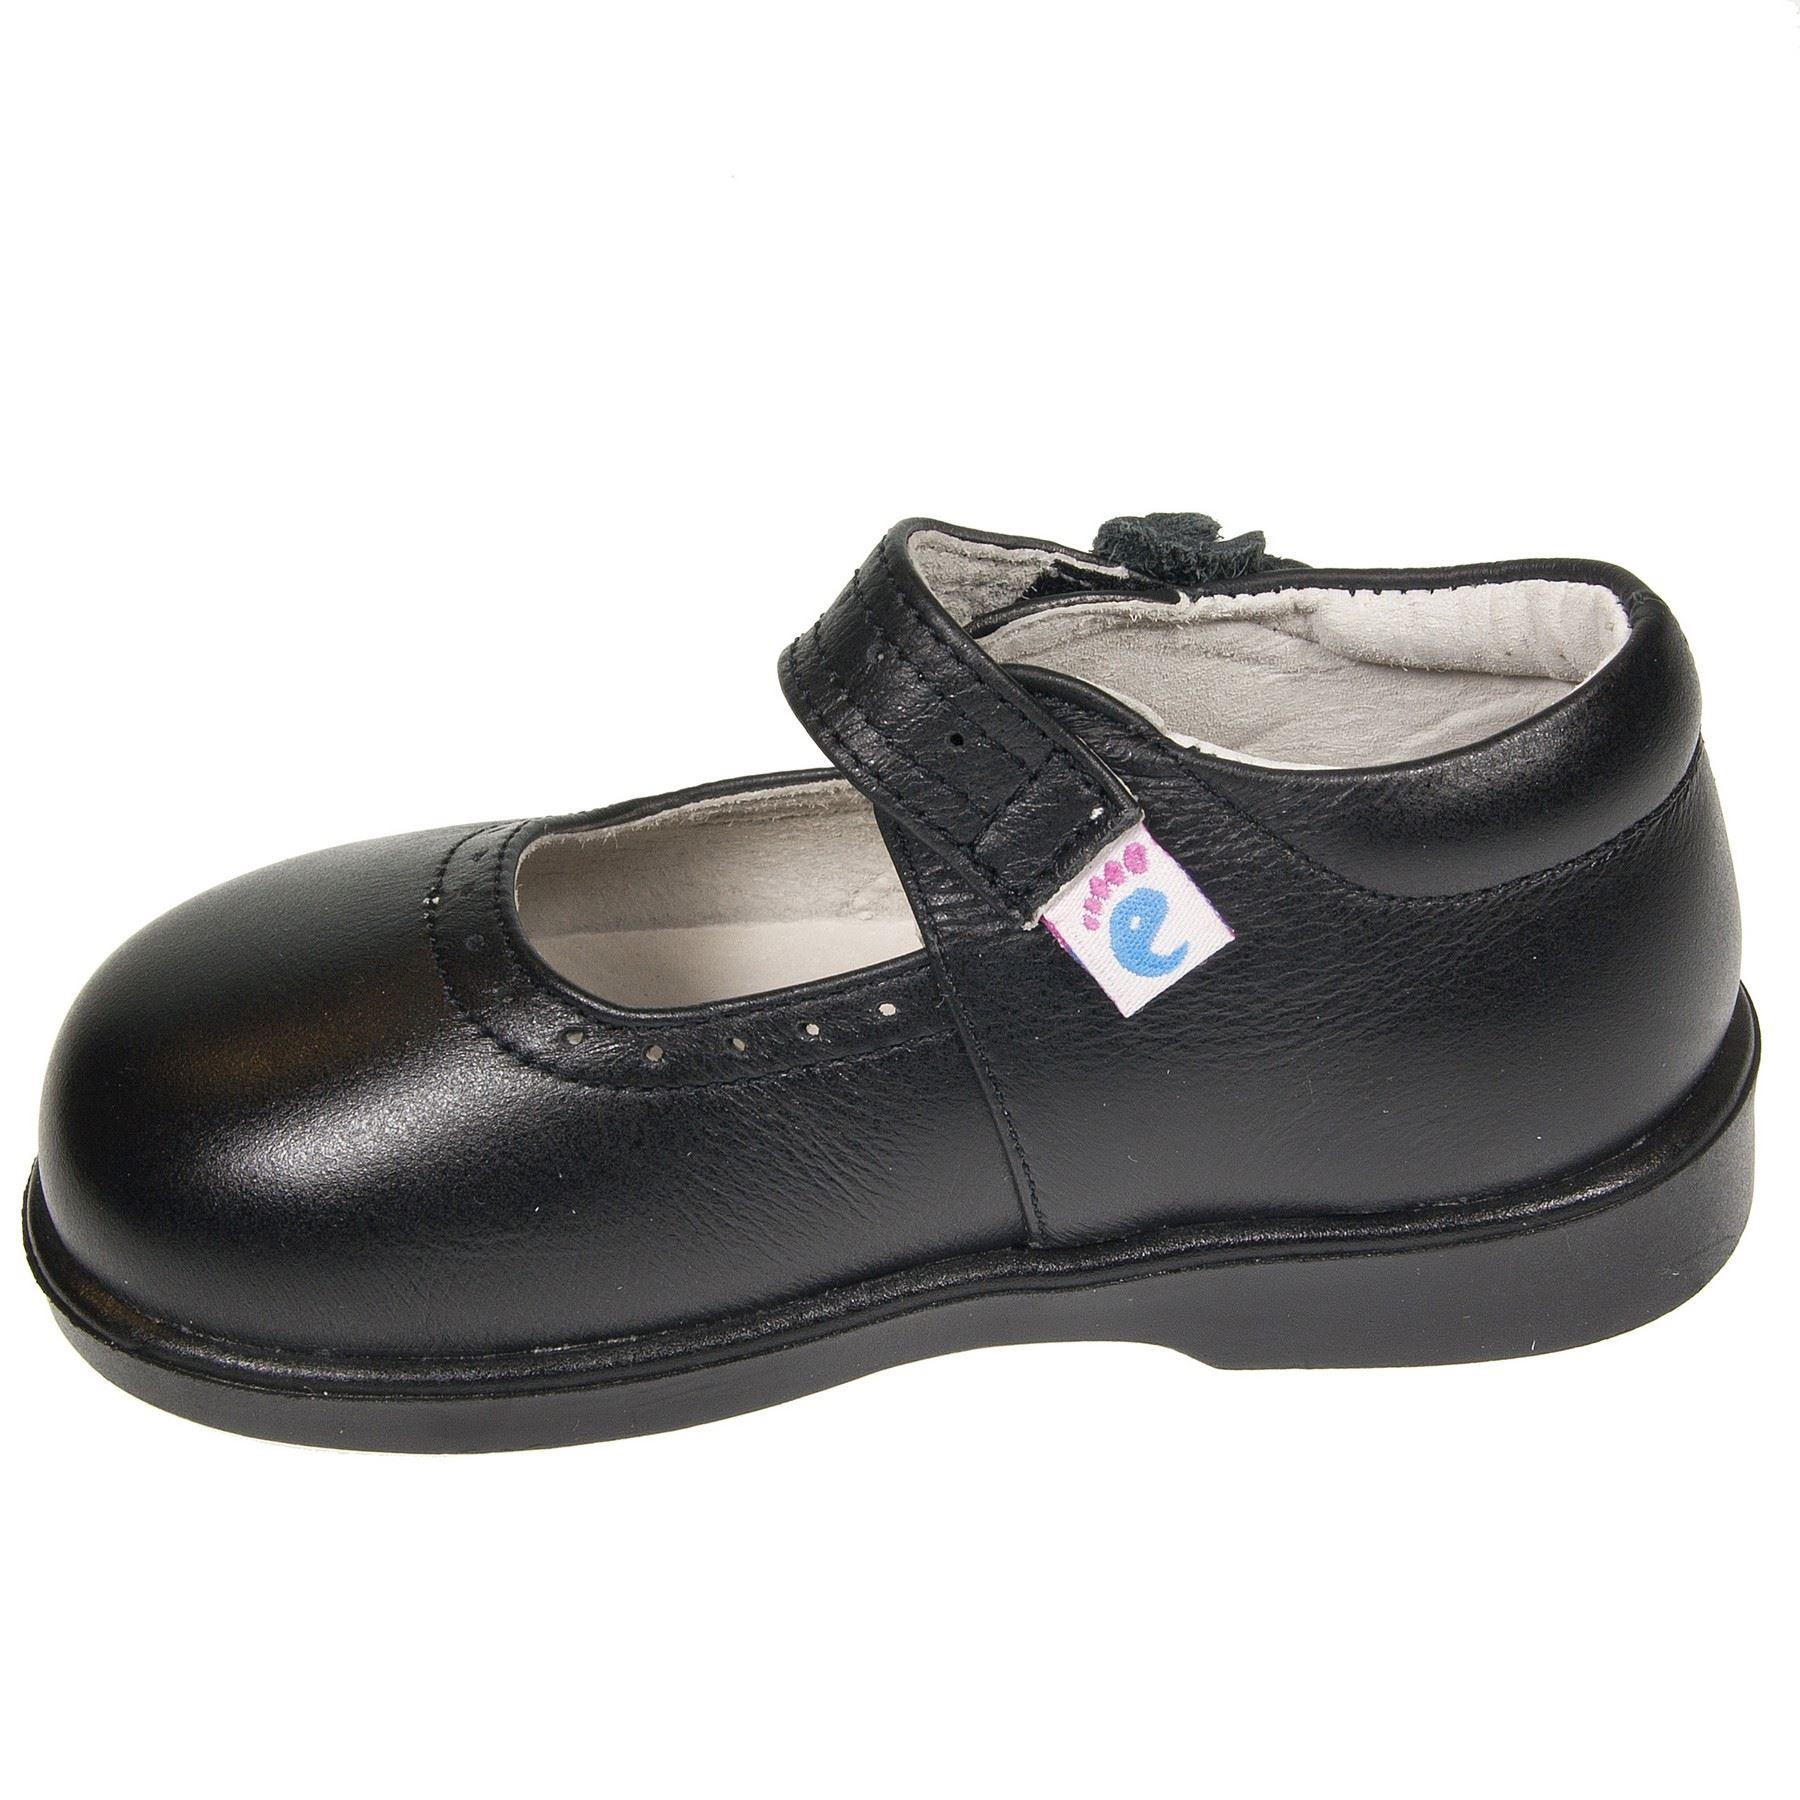 Zapatos Piel Auténtica Niños Bebé Chicas - Zapatos Colegio Negro Mate con Velcro